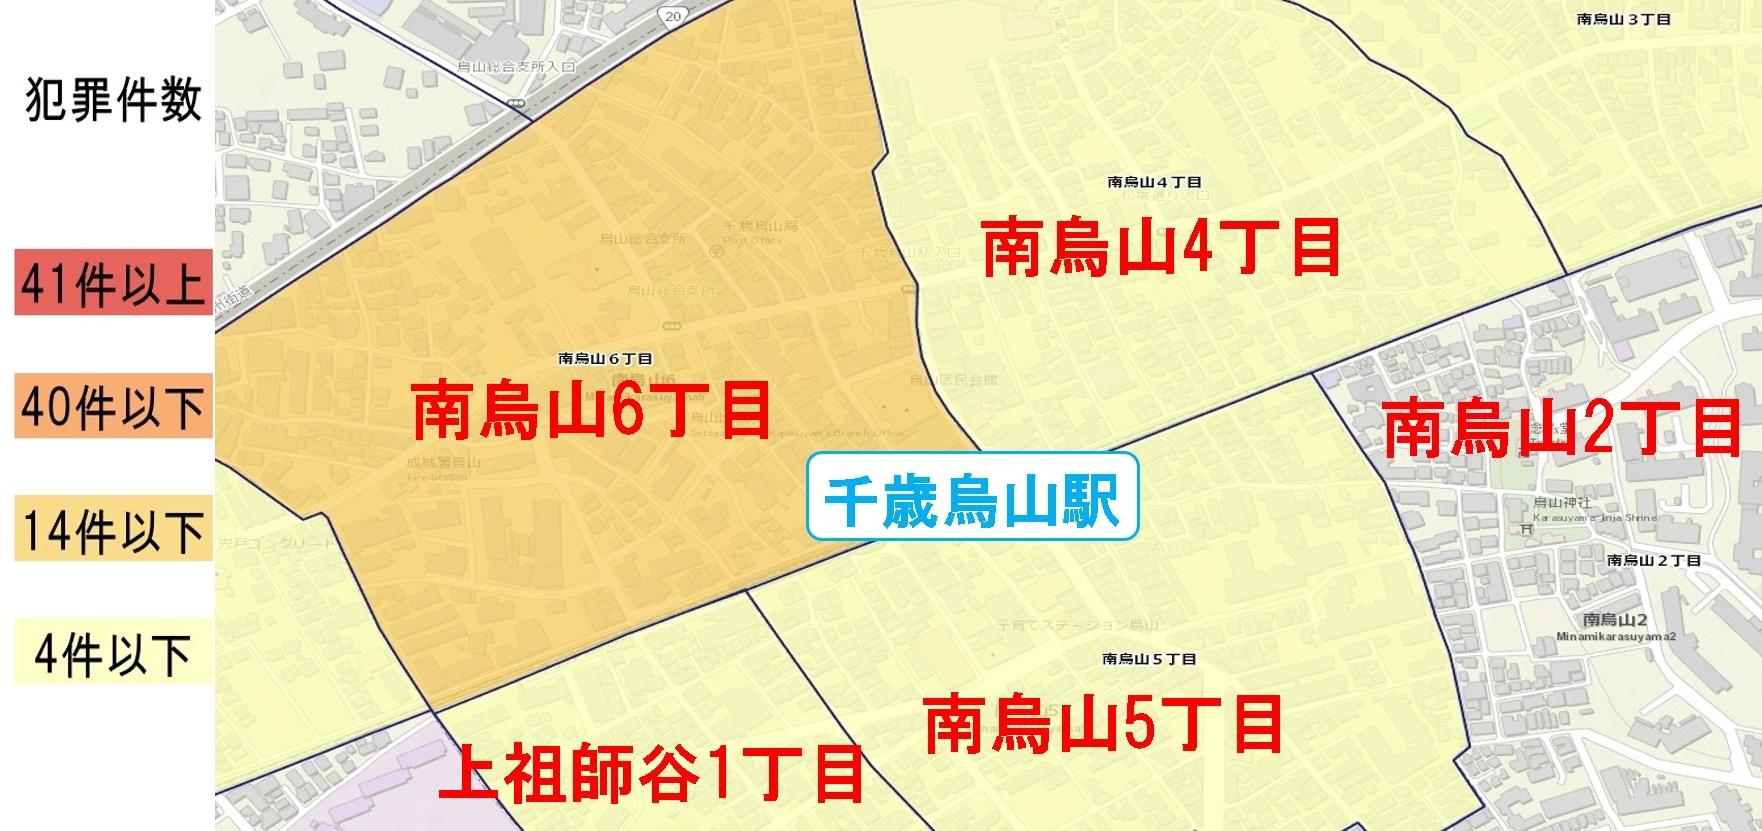 千歳烏山駅周辺の粗暴犯の犯罪件数マップ